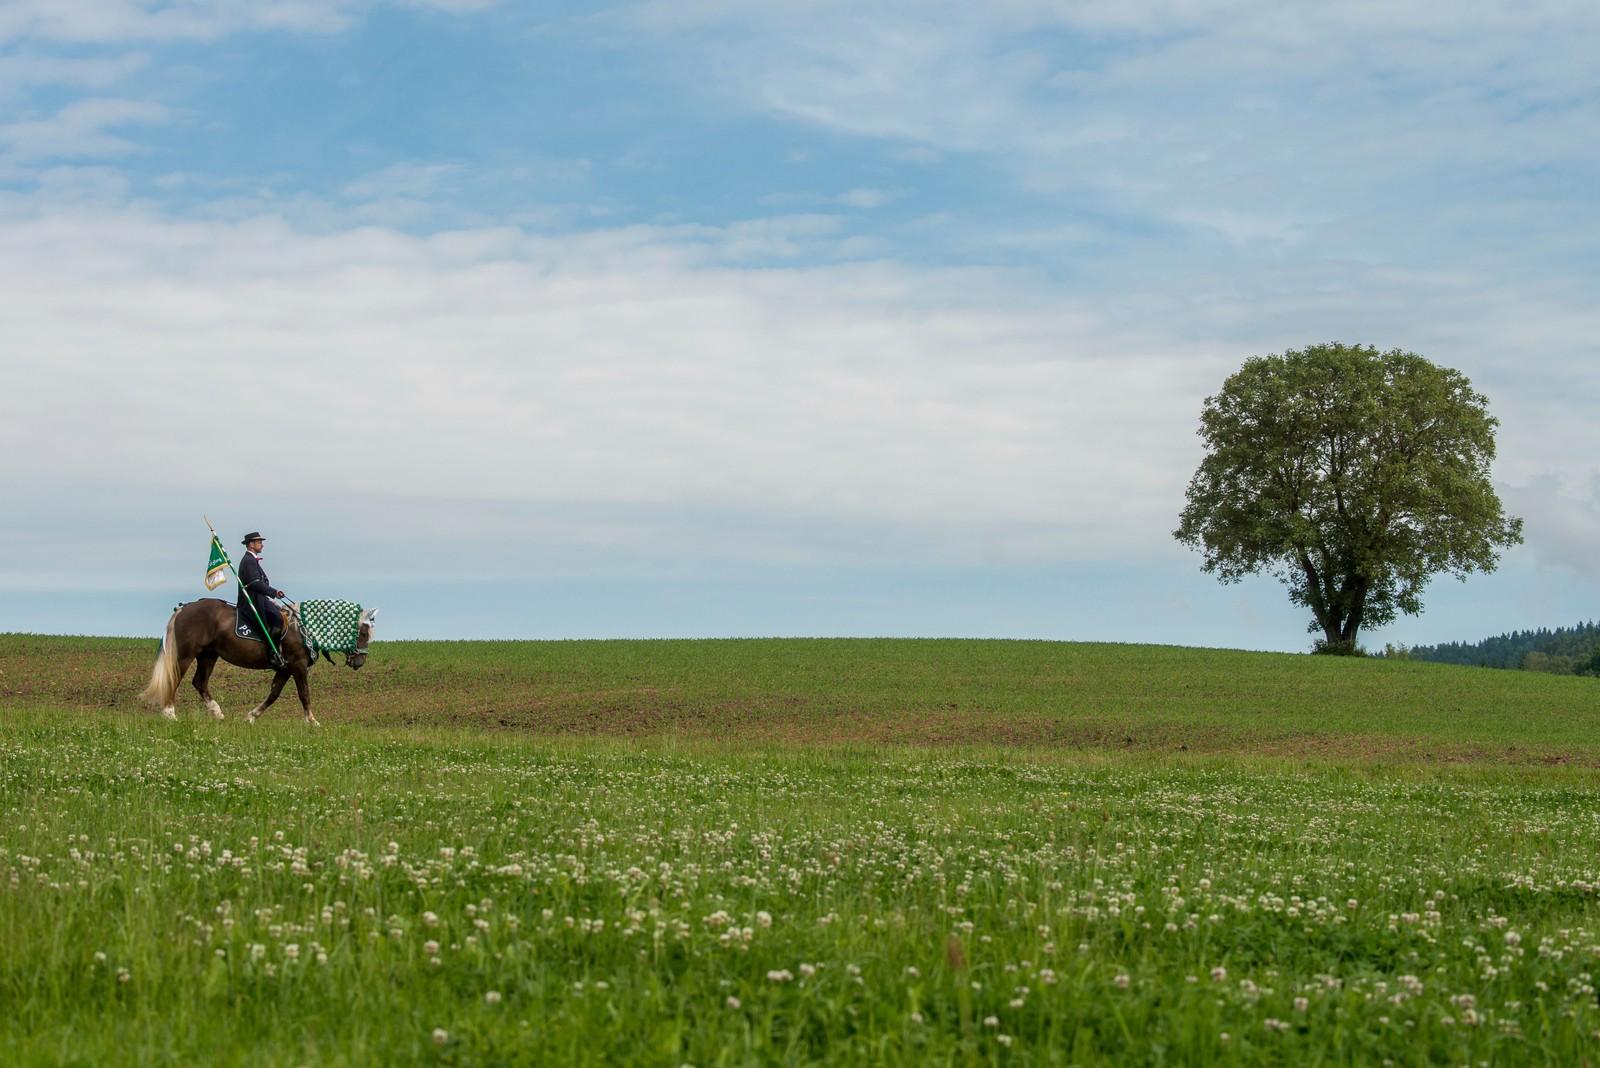 Én av de 900 rytterne som deltok i en tradisjonell prosesjon i nærheten av Bad Koetzing i Tyskland.